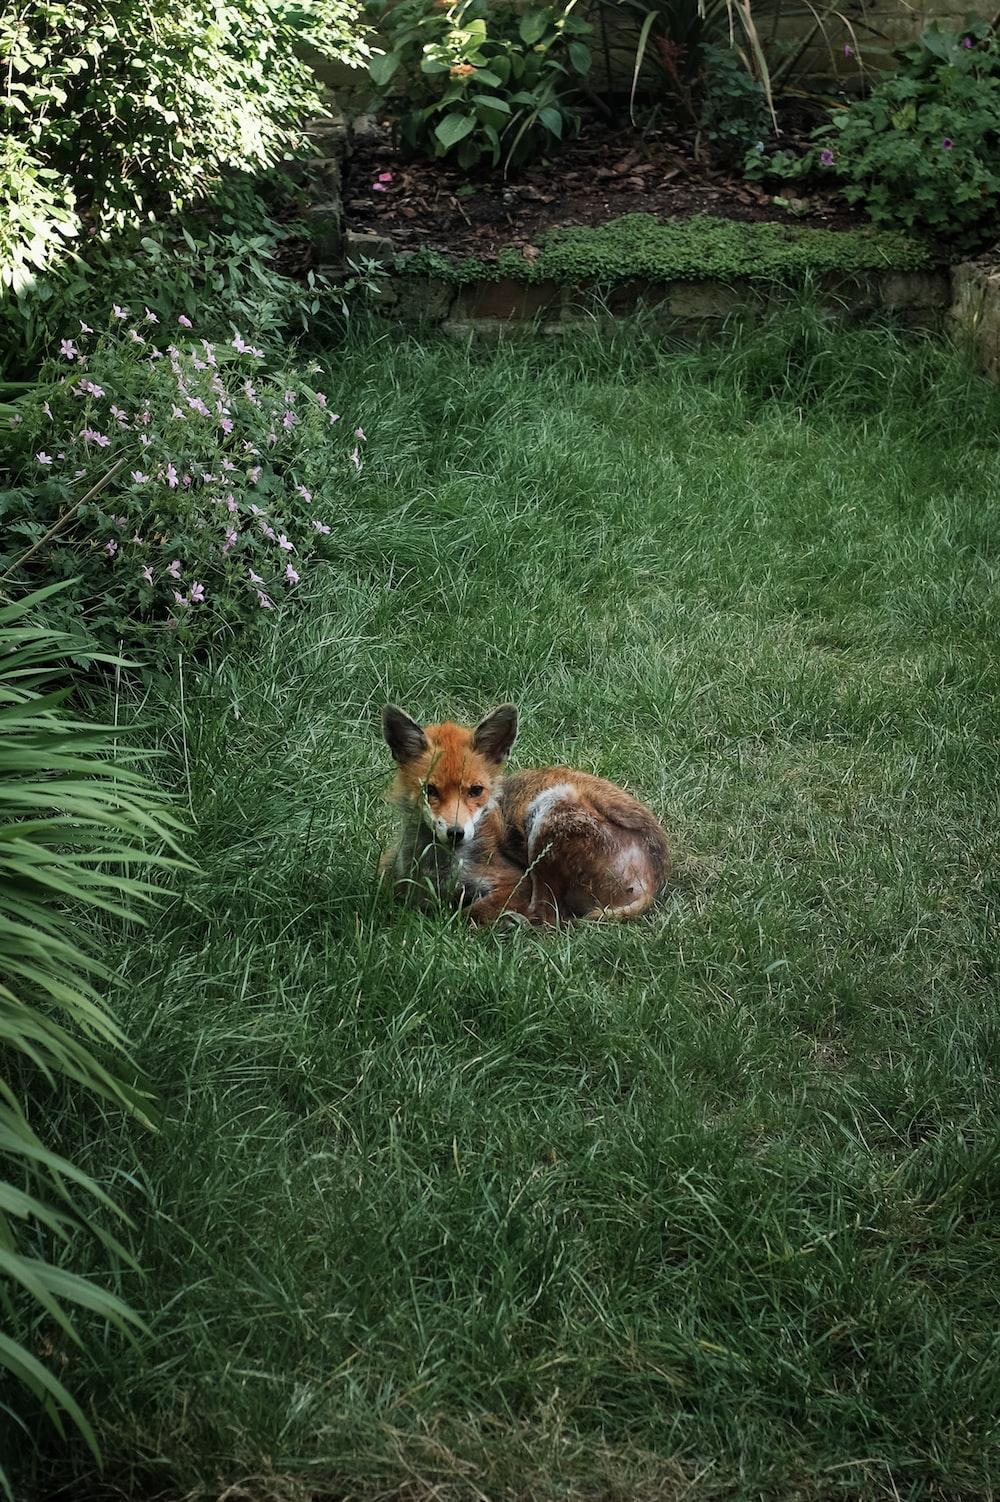 orange fox on grass